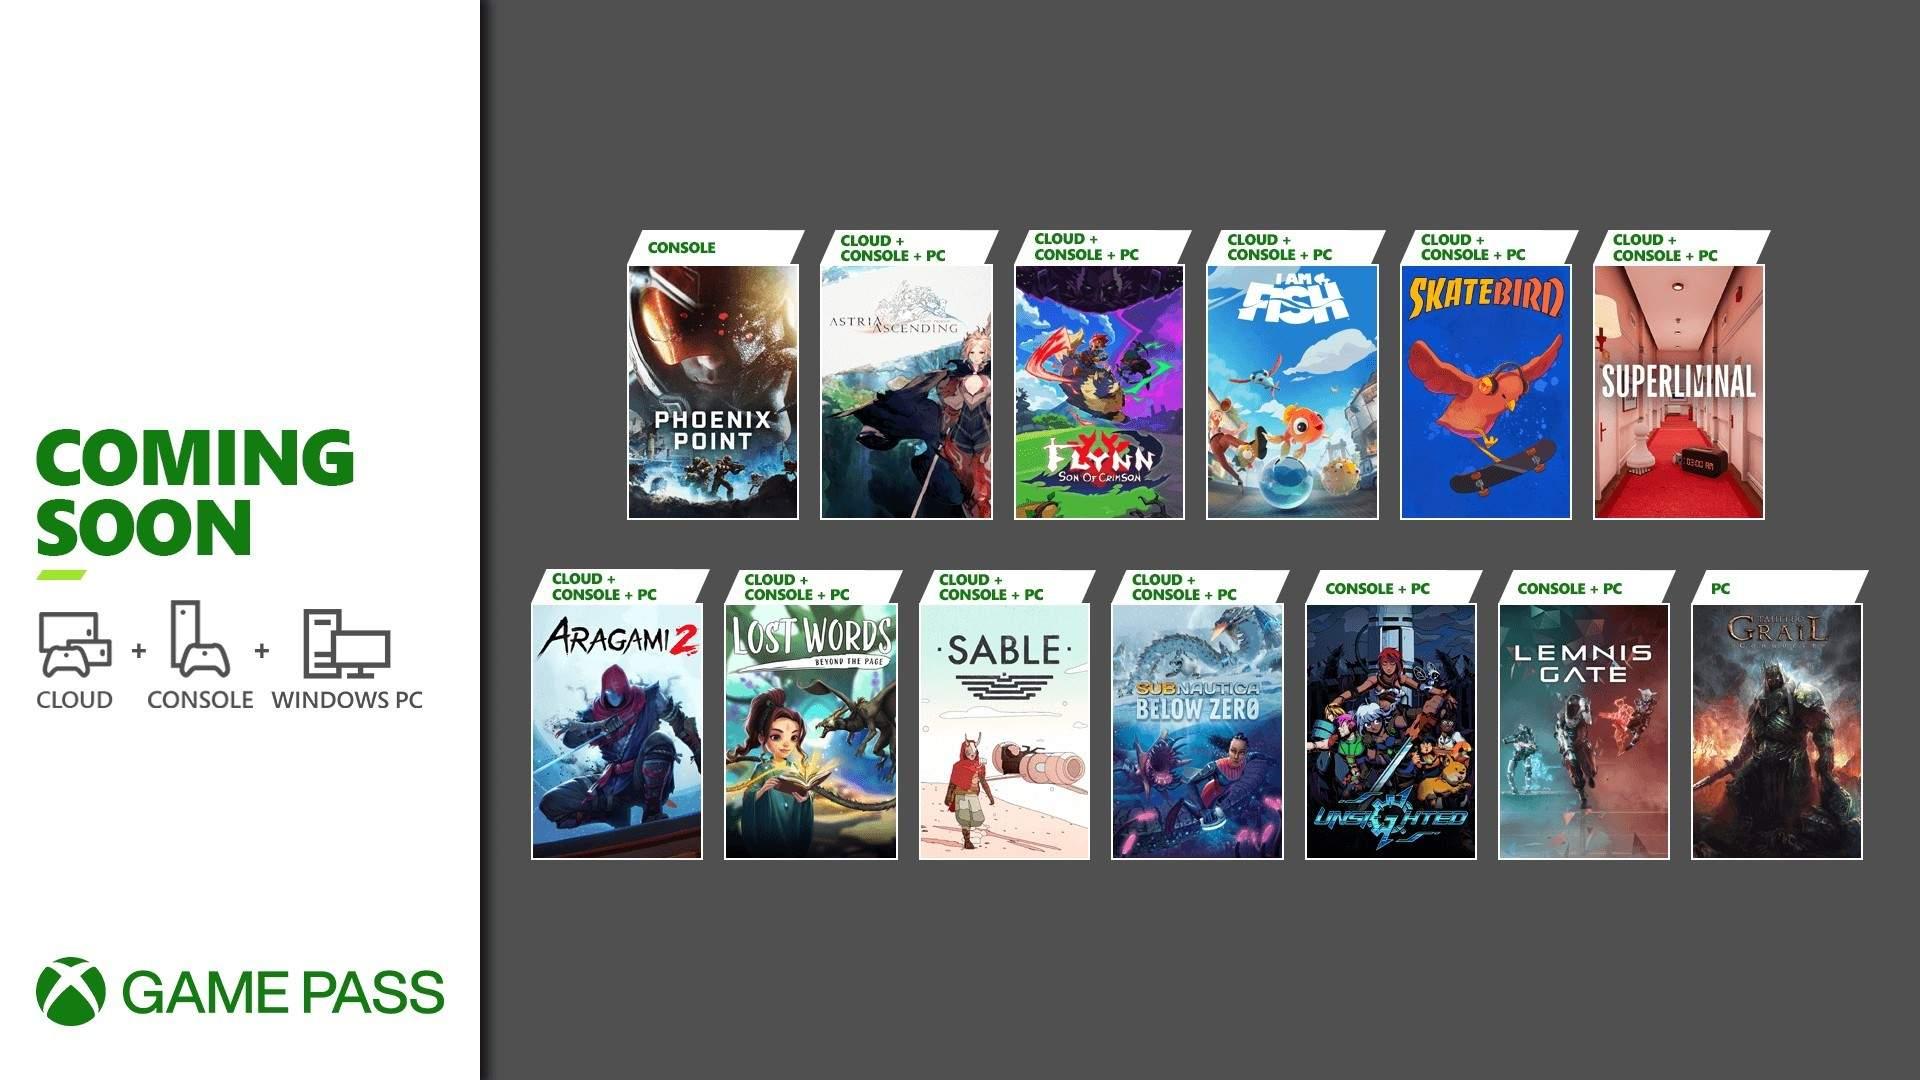 Desvelados los nuevos títulos que llegaran a Xbox Game Pass en la segunda mitad de septiembre - Ya conocemos los próximos títulos que llegarán a Xbox Game Pass en la segunda mitad del mes de septiembre para nuestras consolas Xbox, PC y Cloud.